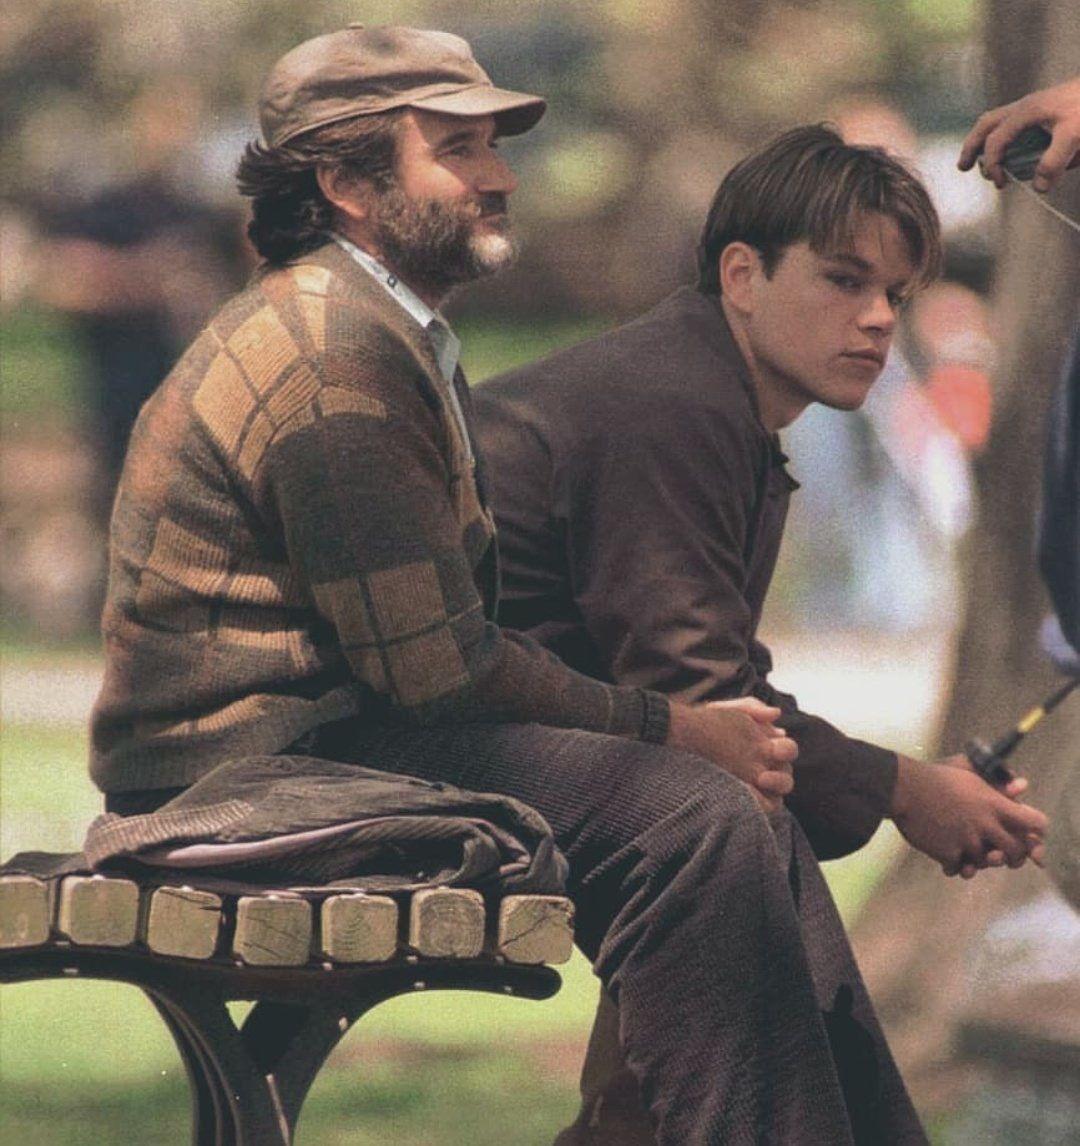 Matt Damon And Robin Williams On Set Of Good Will Hunting Good Will Hunting Matt Damon Robin Williams